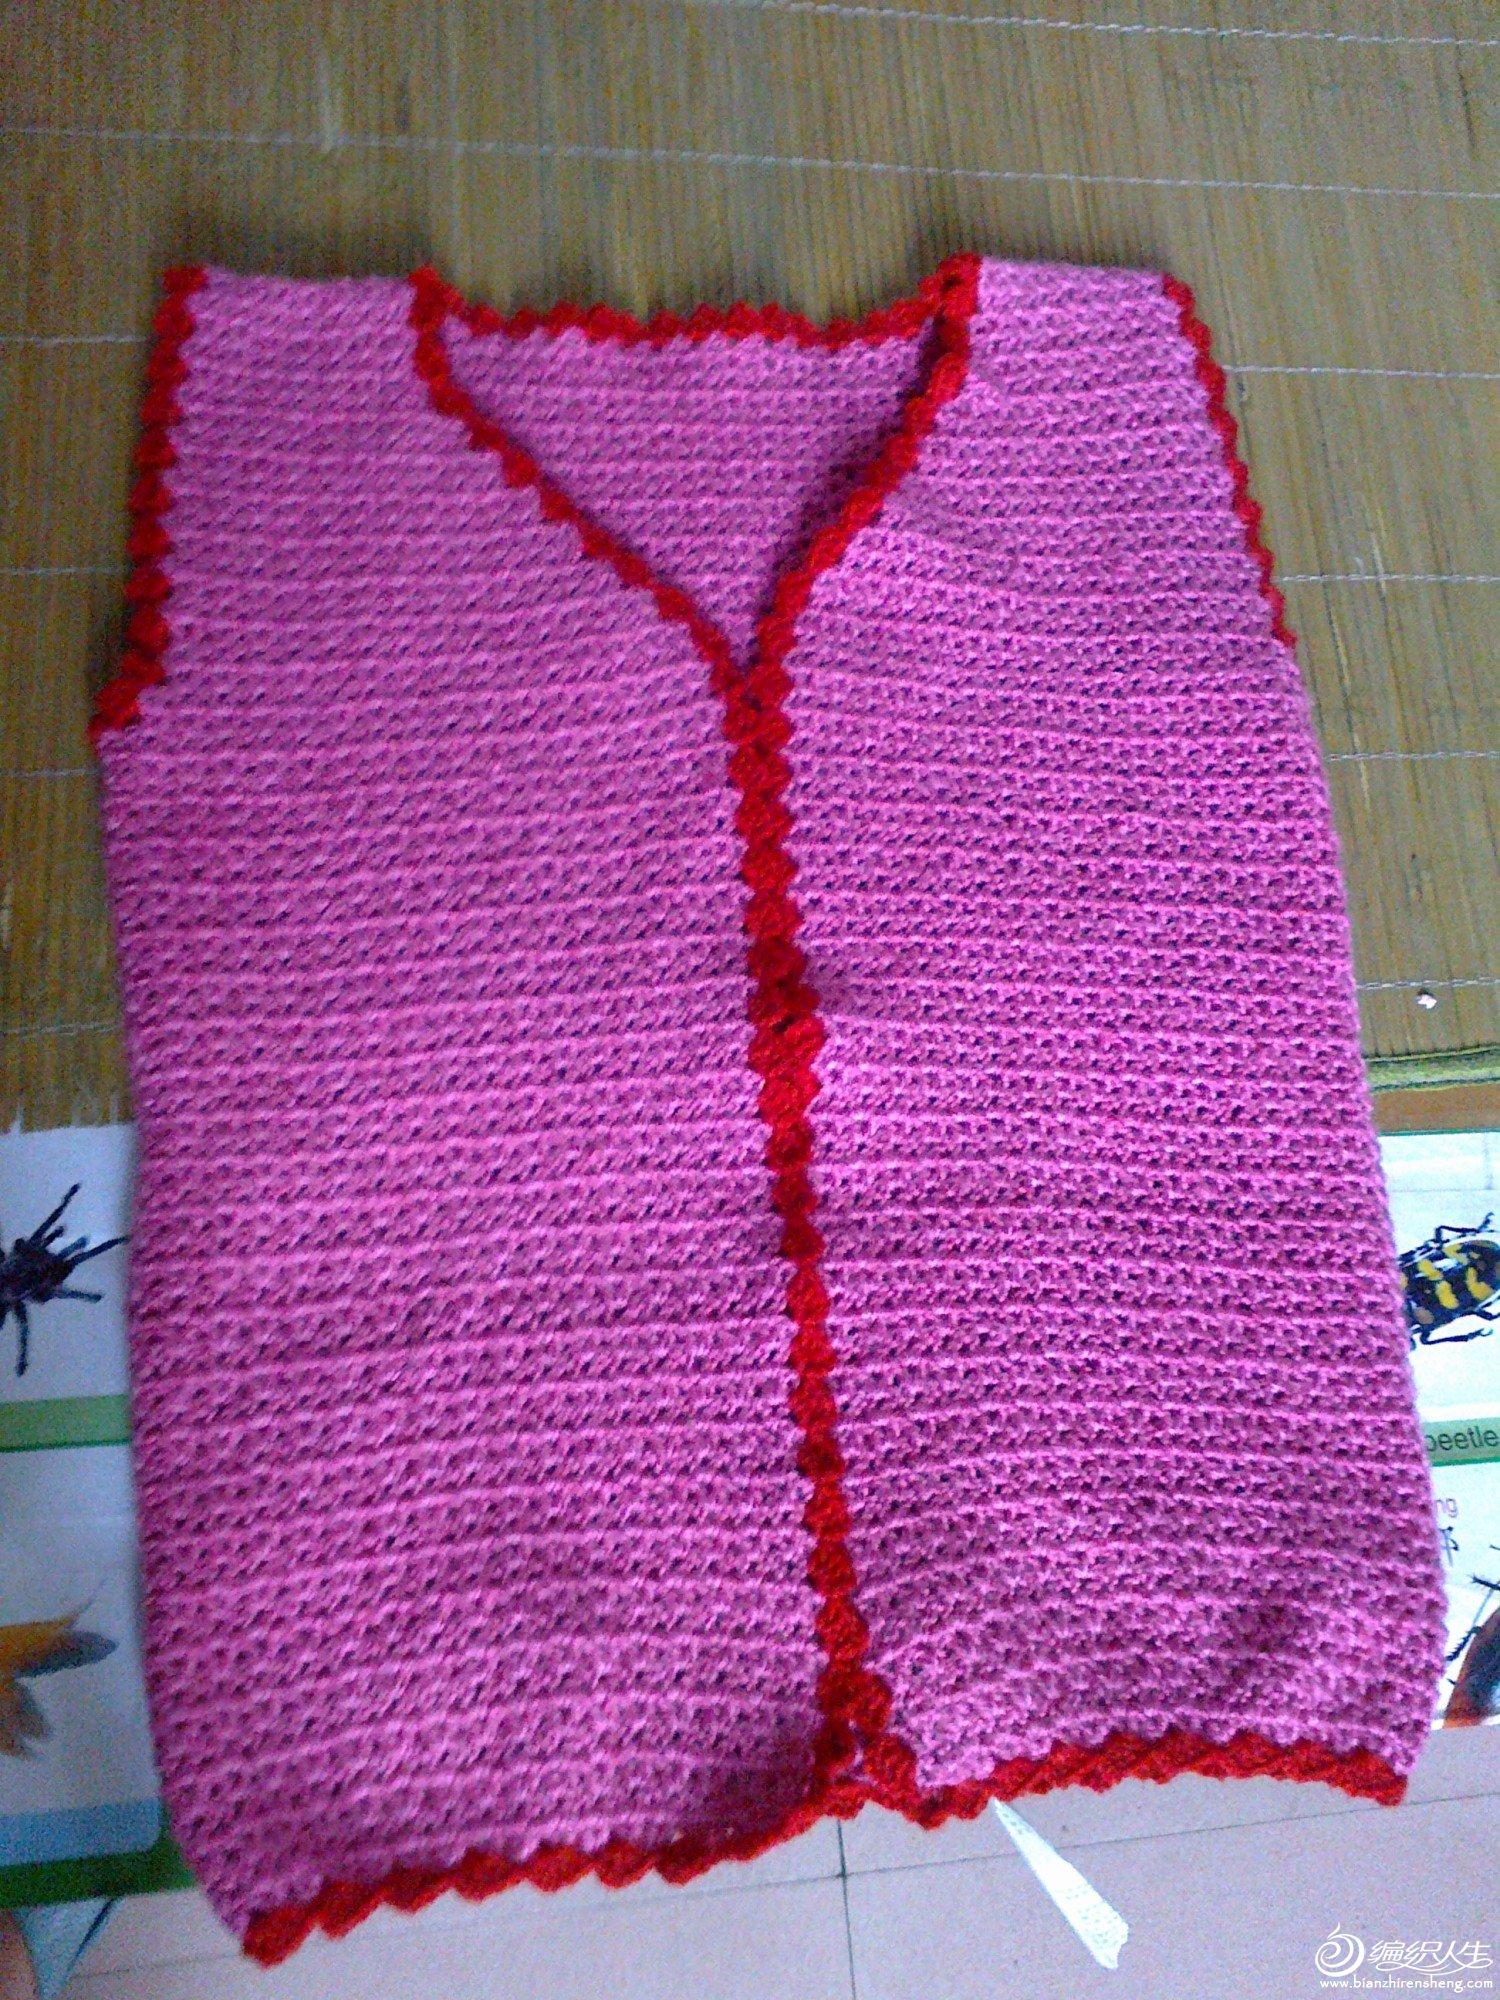 婆婆的毛衣,因为婆婆比较年轻长年在外头所以我就挑了这个线.jpg